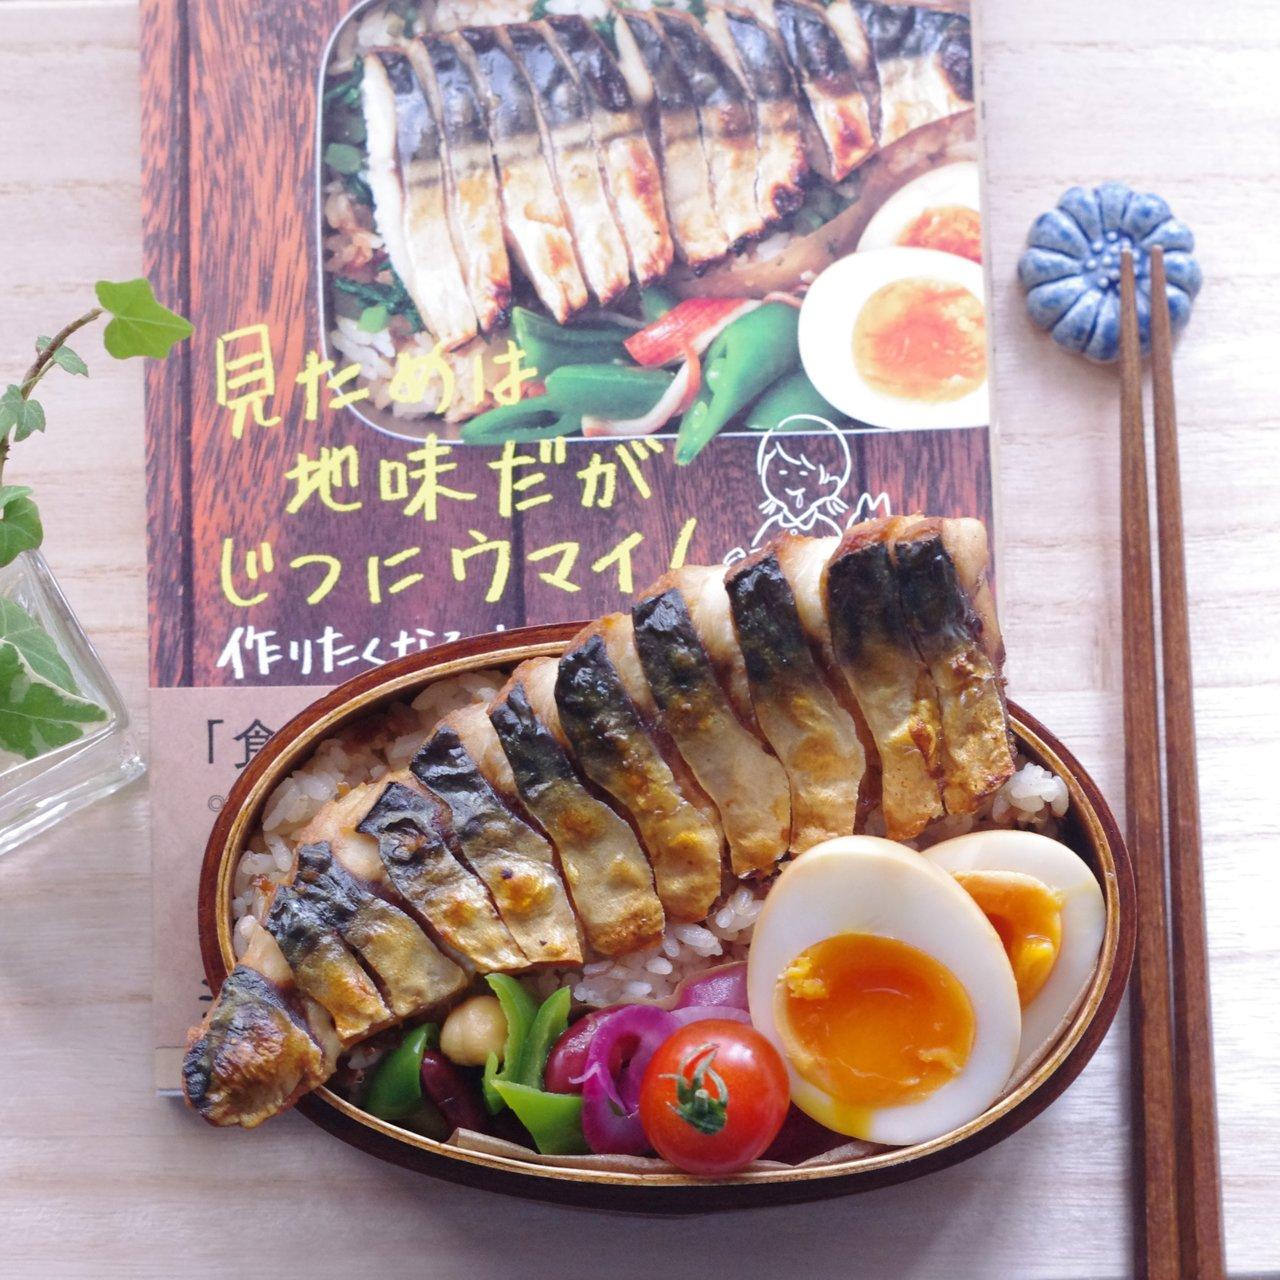 heavydrinkerさんのレシピ本『見た目は地味だがじつにウマイ!』(KADOKAWA)を応援するrina_kitchenさんの投稿。